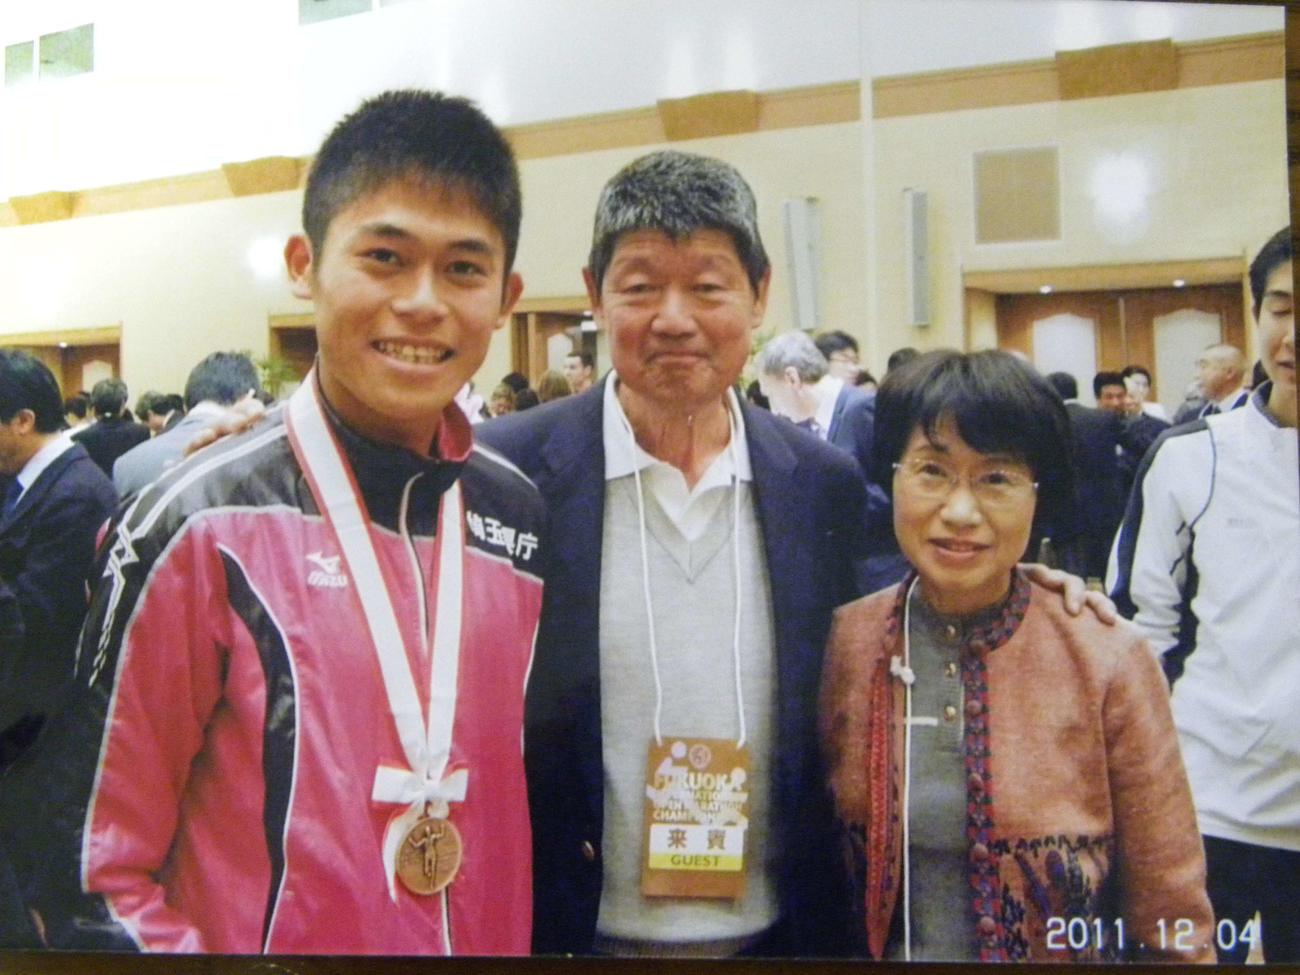 11年の福岡国際マラソン時に写真に納まる、左から川内優輝、采谷義秋さん、妻の宣子さん(采谷家提供)